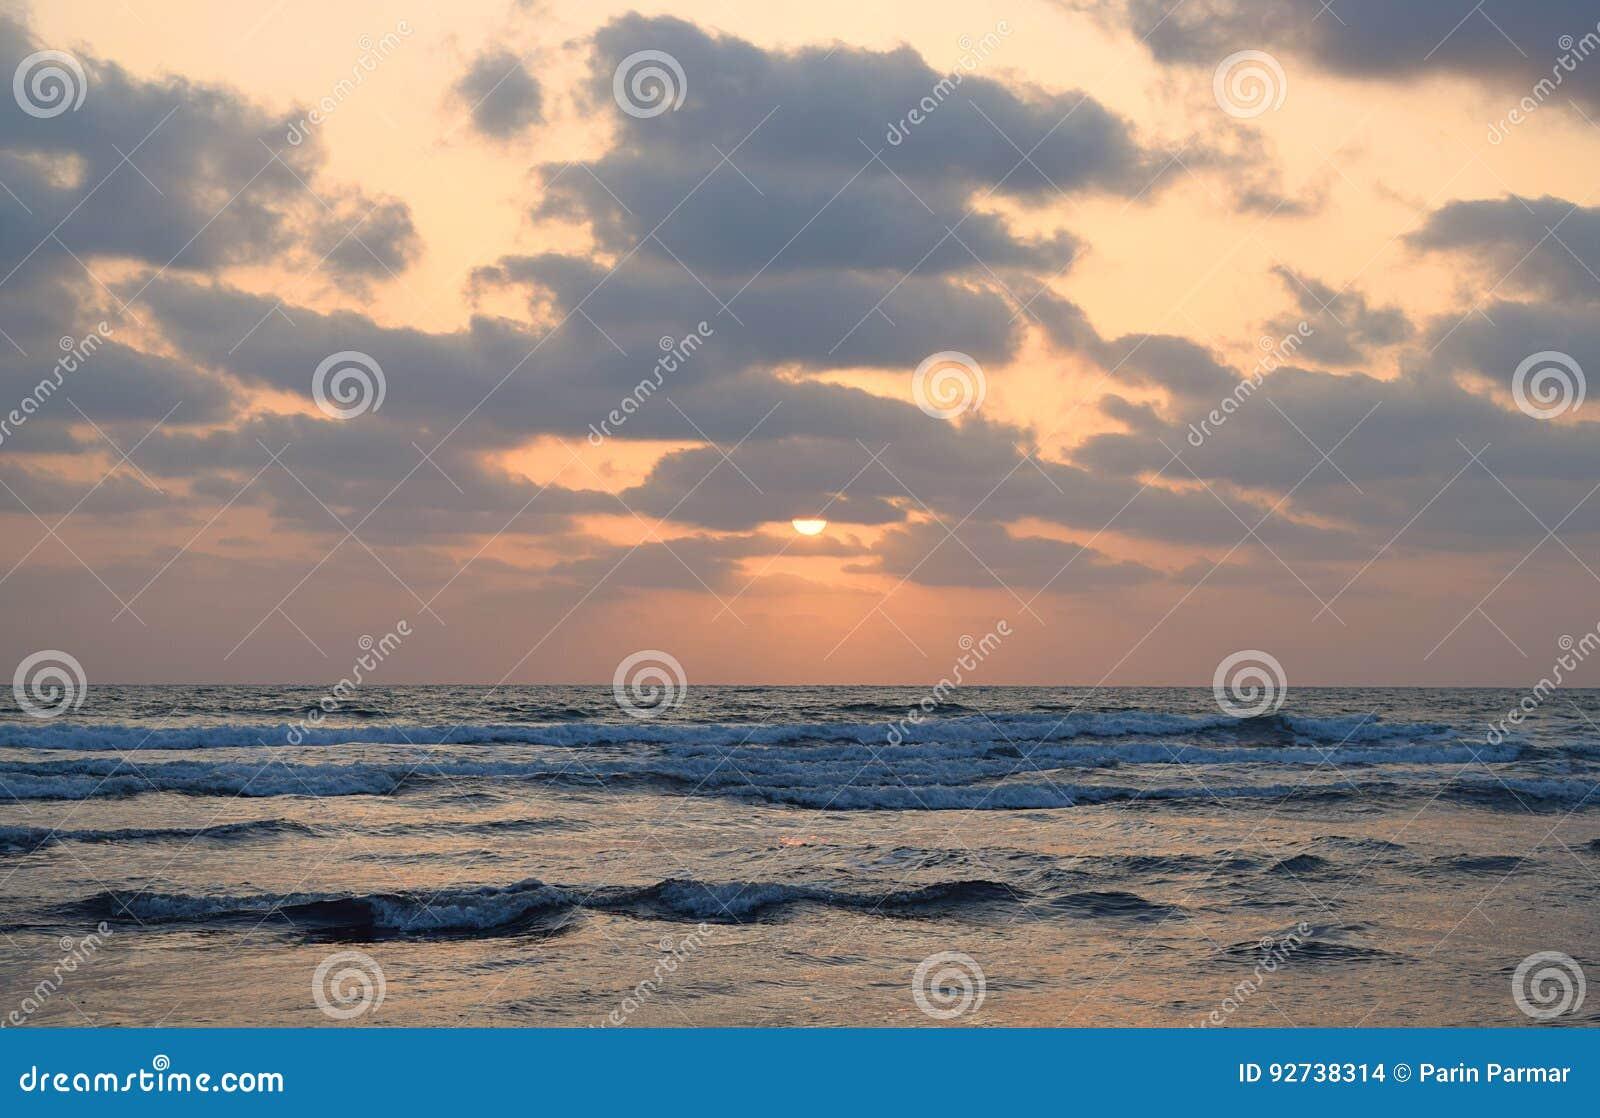 Medio Sun debajo de las nubes sobre el océano infinito - papel pintado natural de la puesta del sol